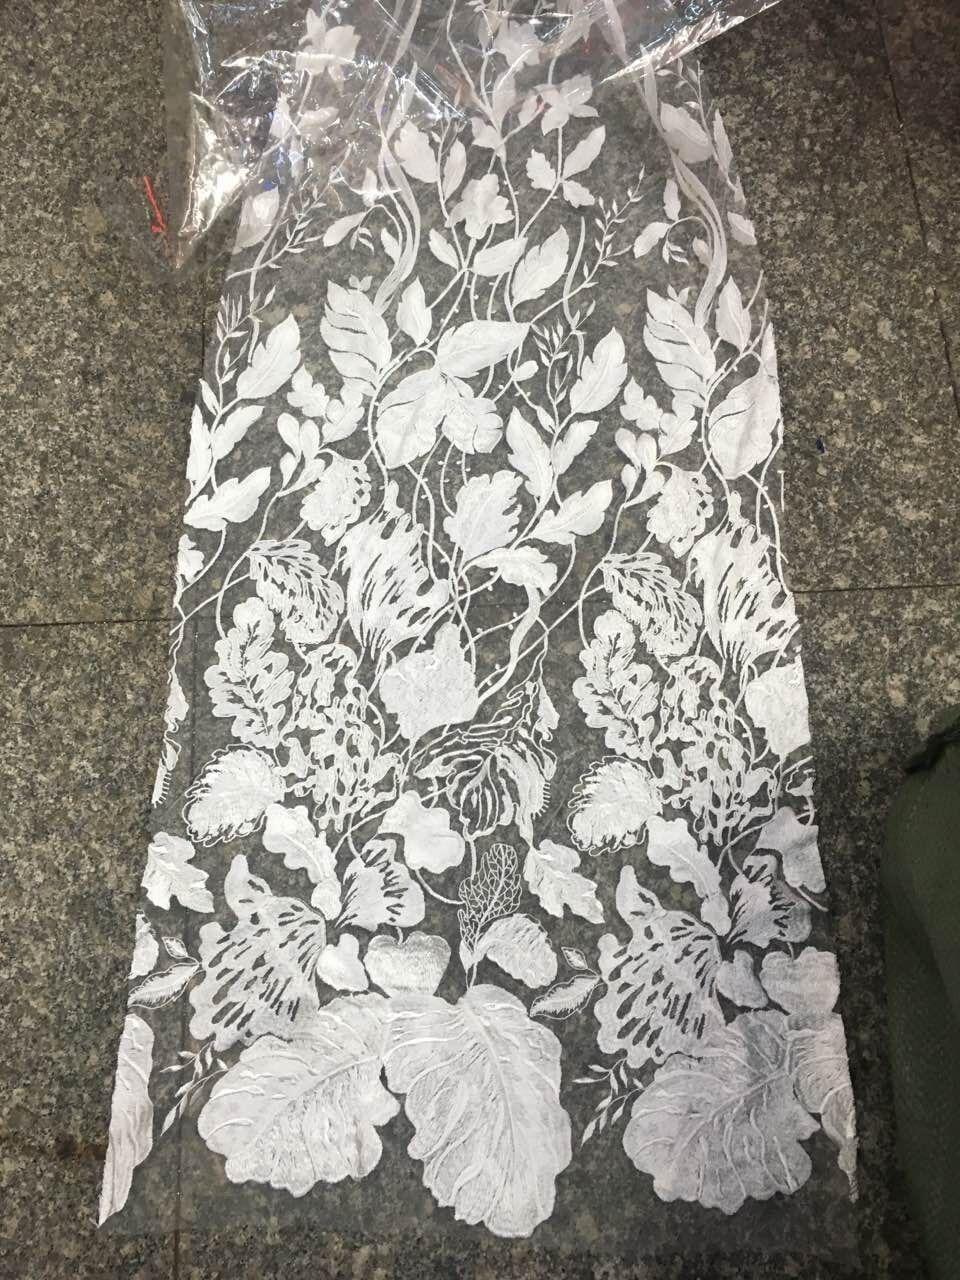 Hoge kwaliteit nigeriaanse veters LJY 52114 wit afrikaanse koord kant franse netto kant stof voor trouwjurk-in Kant van Huis & Tuin op  Groep 1